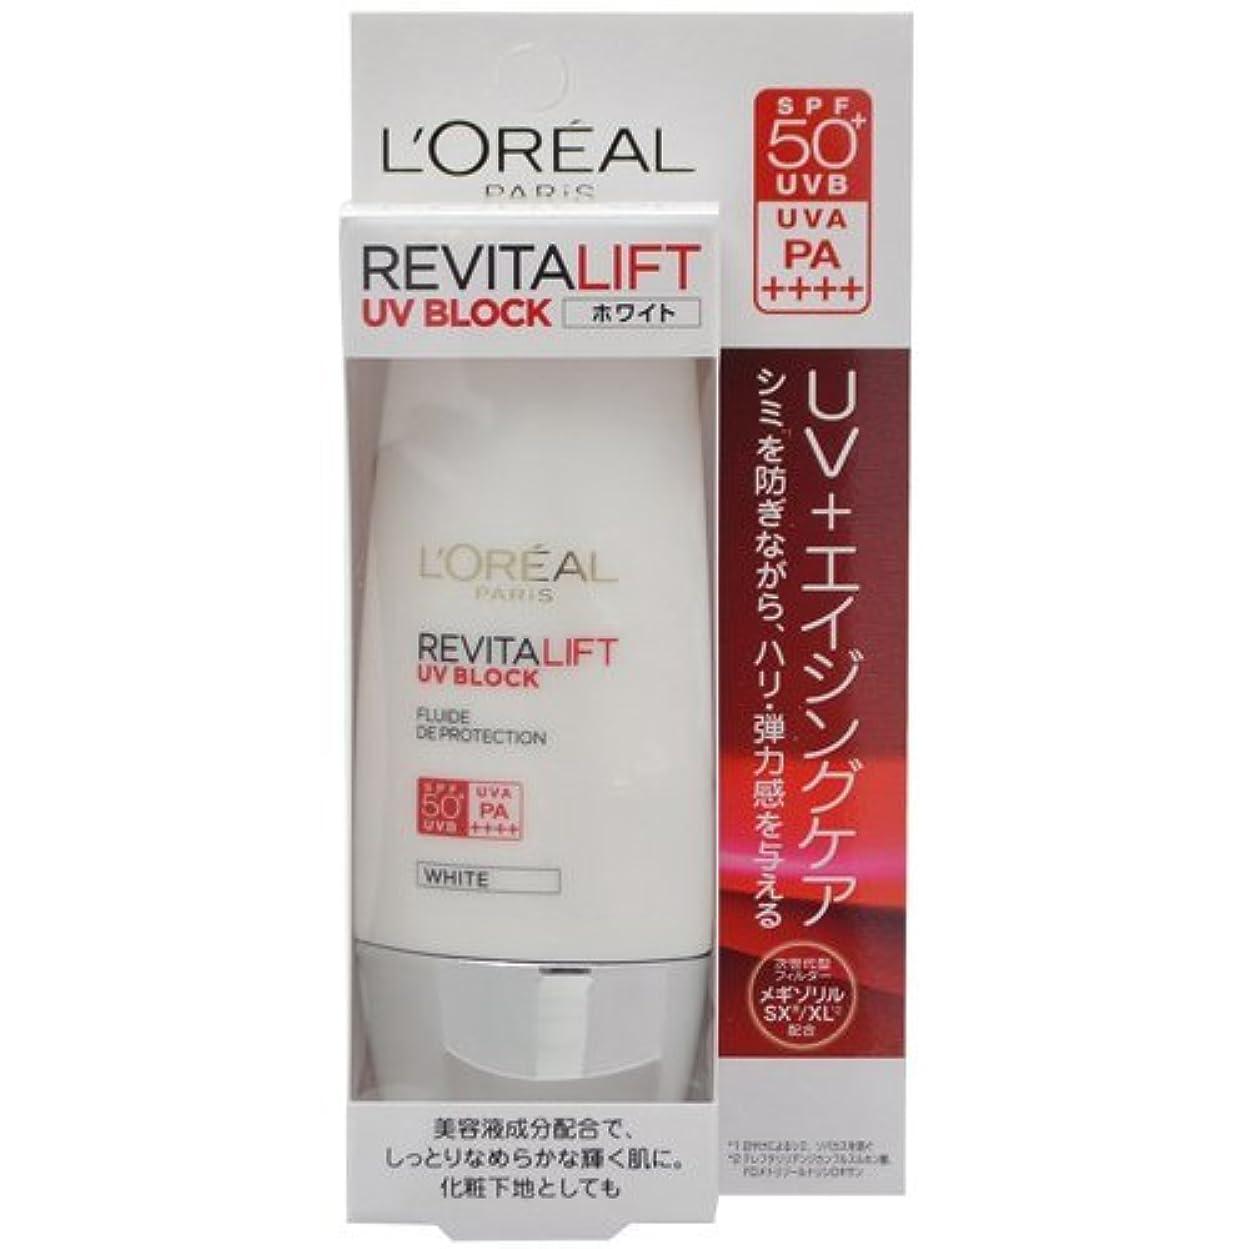 傷つける沿って動かないロレアル パリ リバイタルリフト UV ブロック ホワイト 日やけ止め乳液 メイクアップベース (30g) SPF50+ PA++++